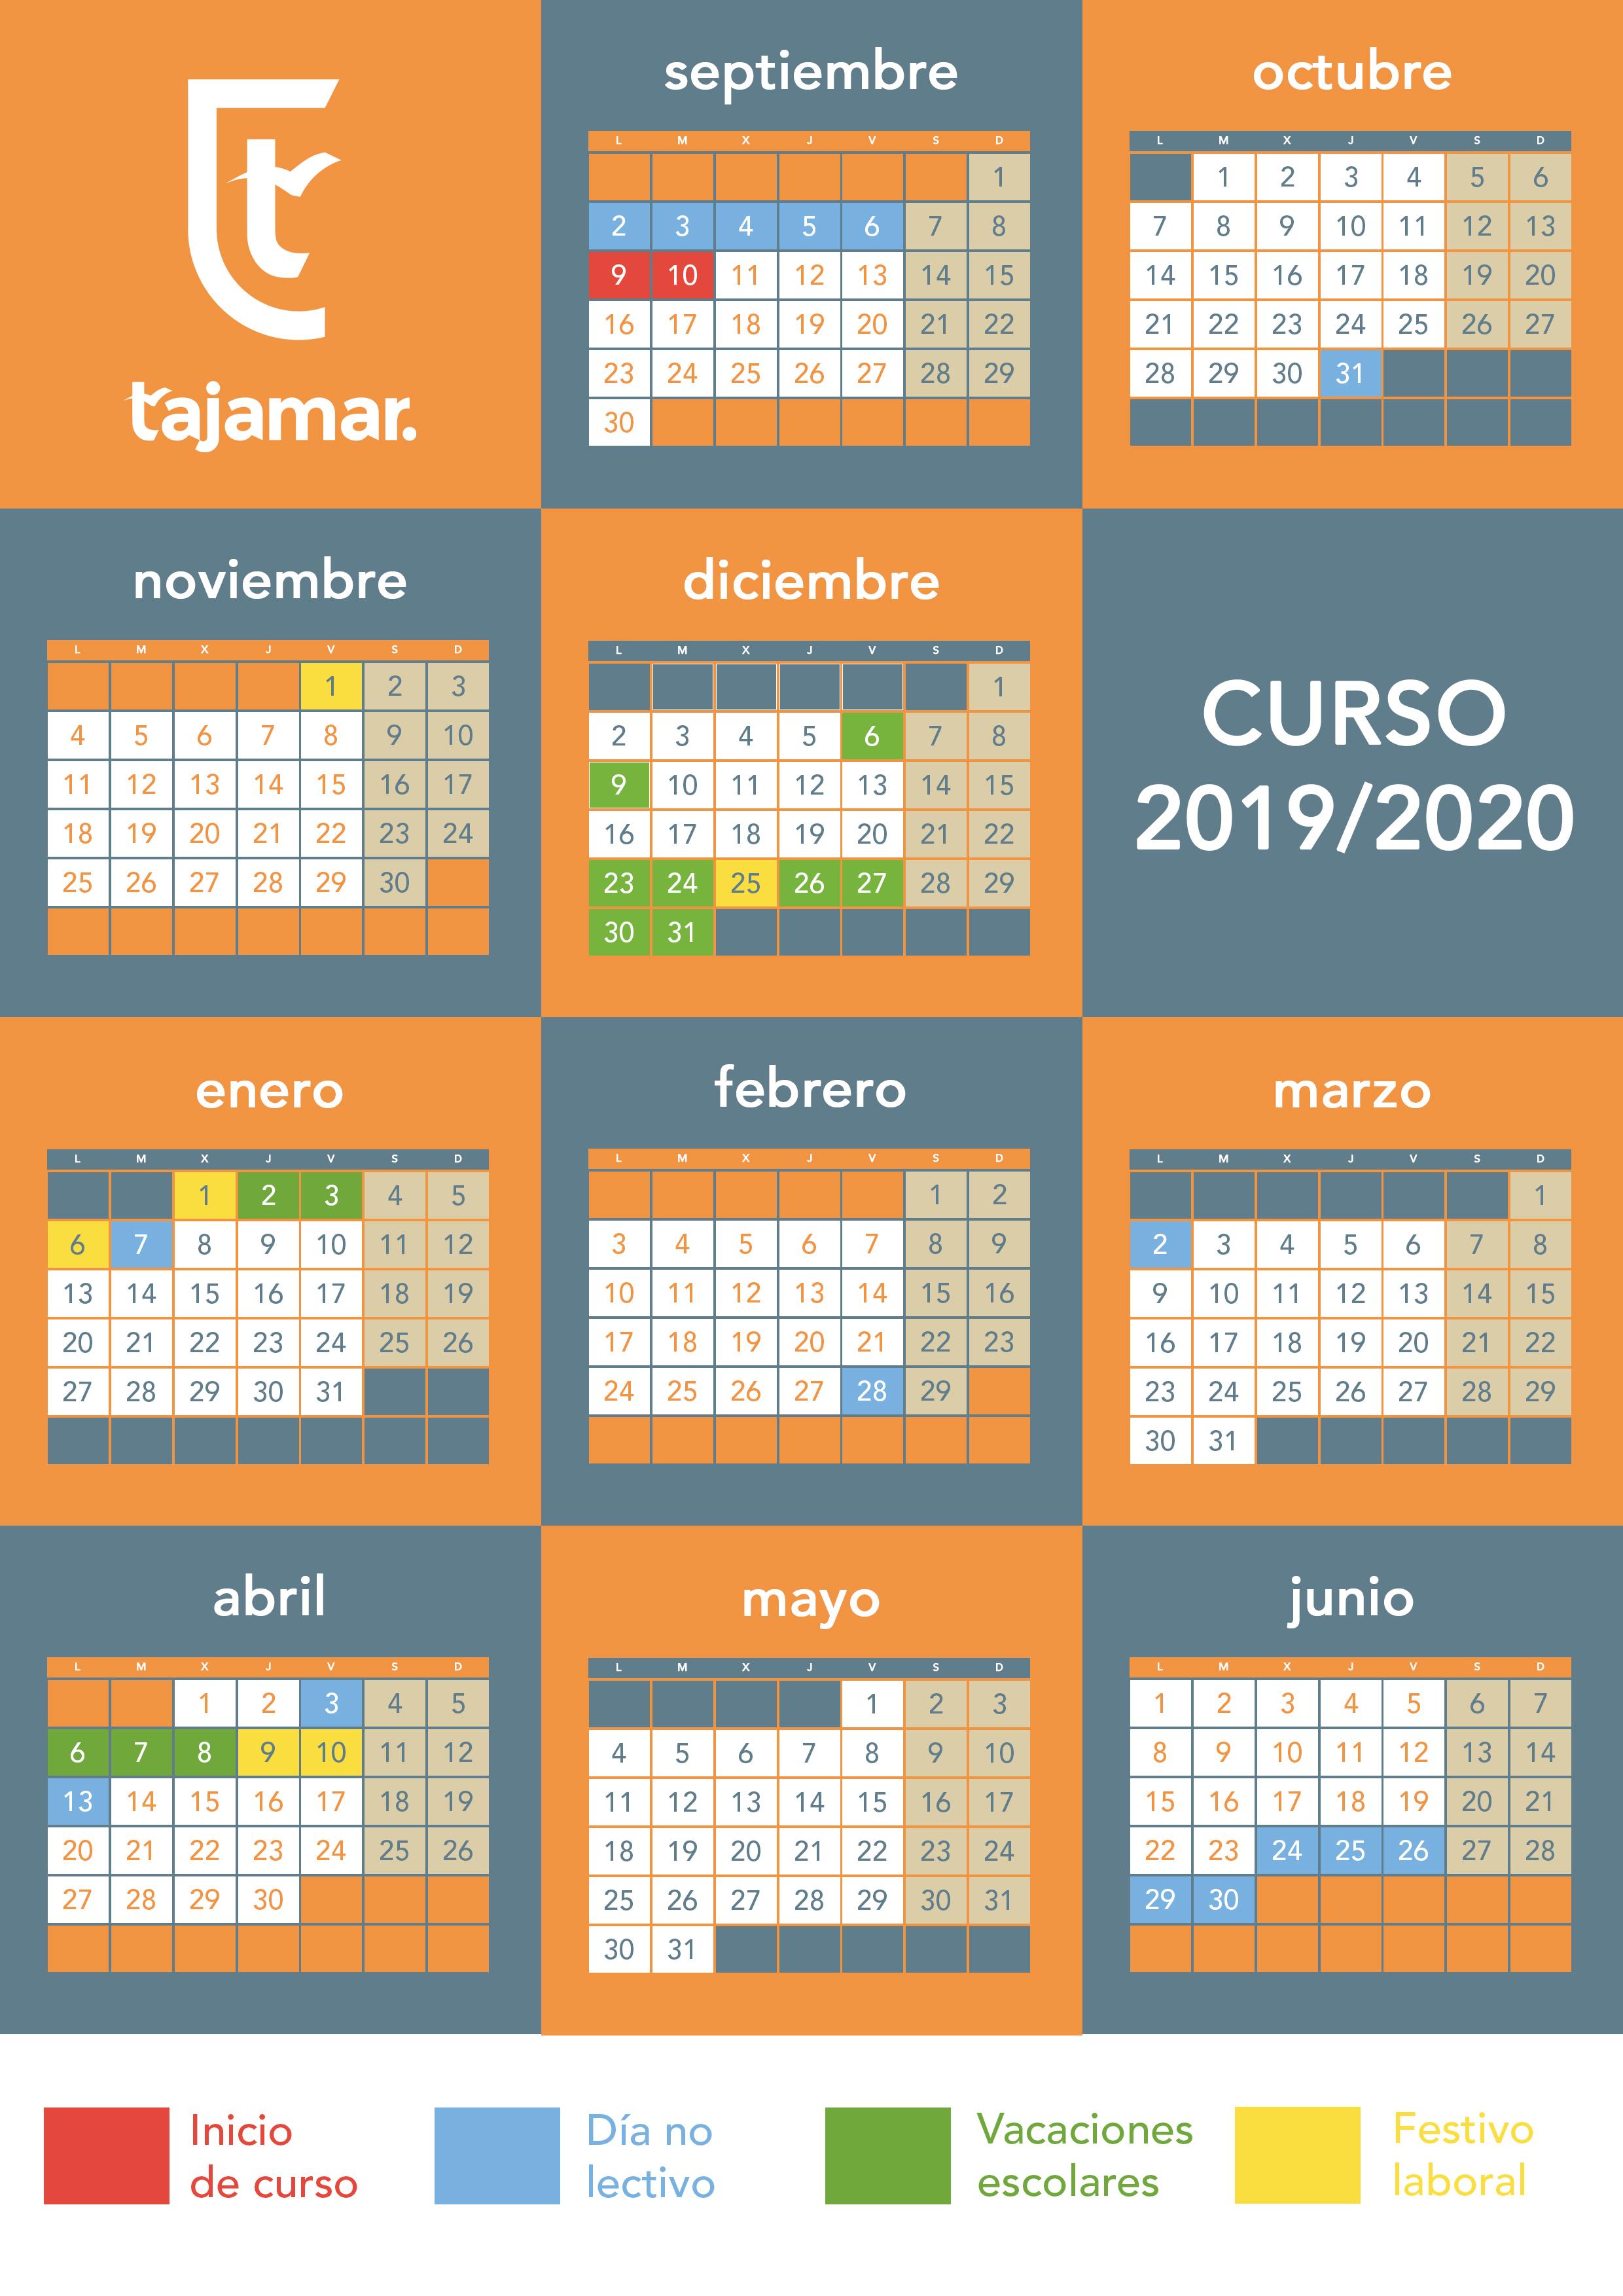 Calendario Escolar 2020 Madrid.Todo Lo Que Necesitas Saber En El Inicio Del Curso 2019 2020